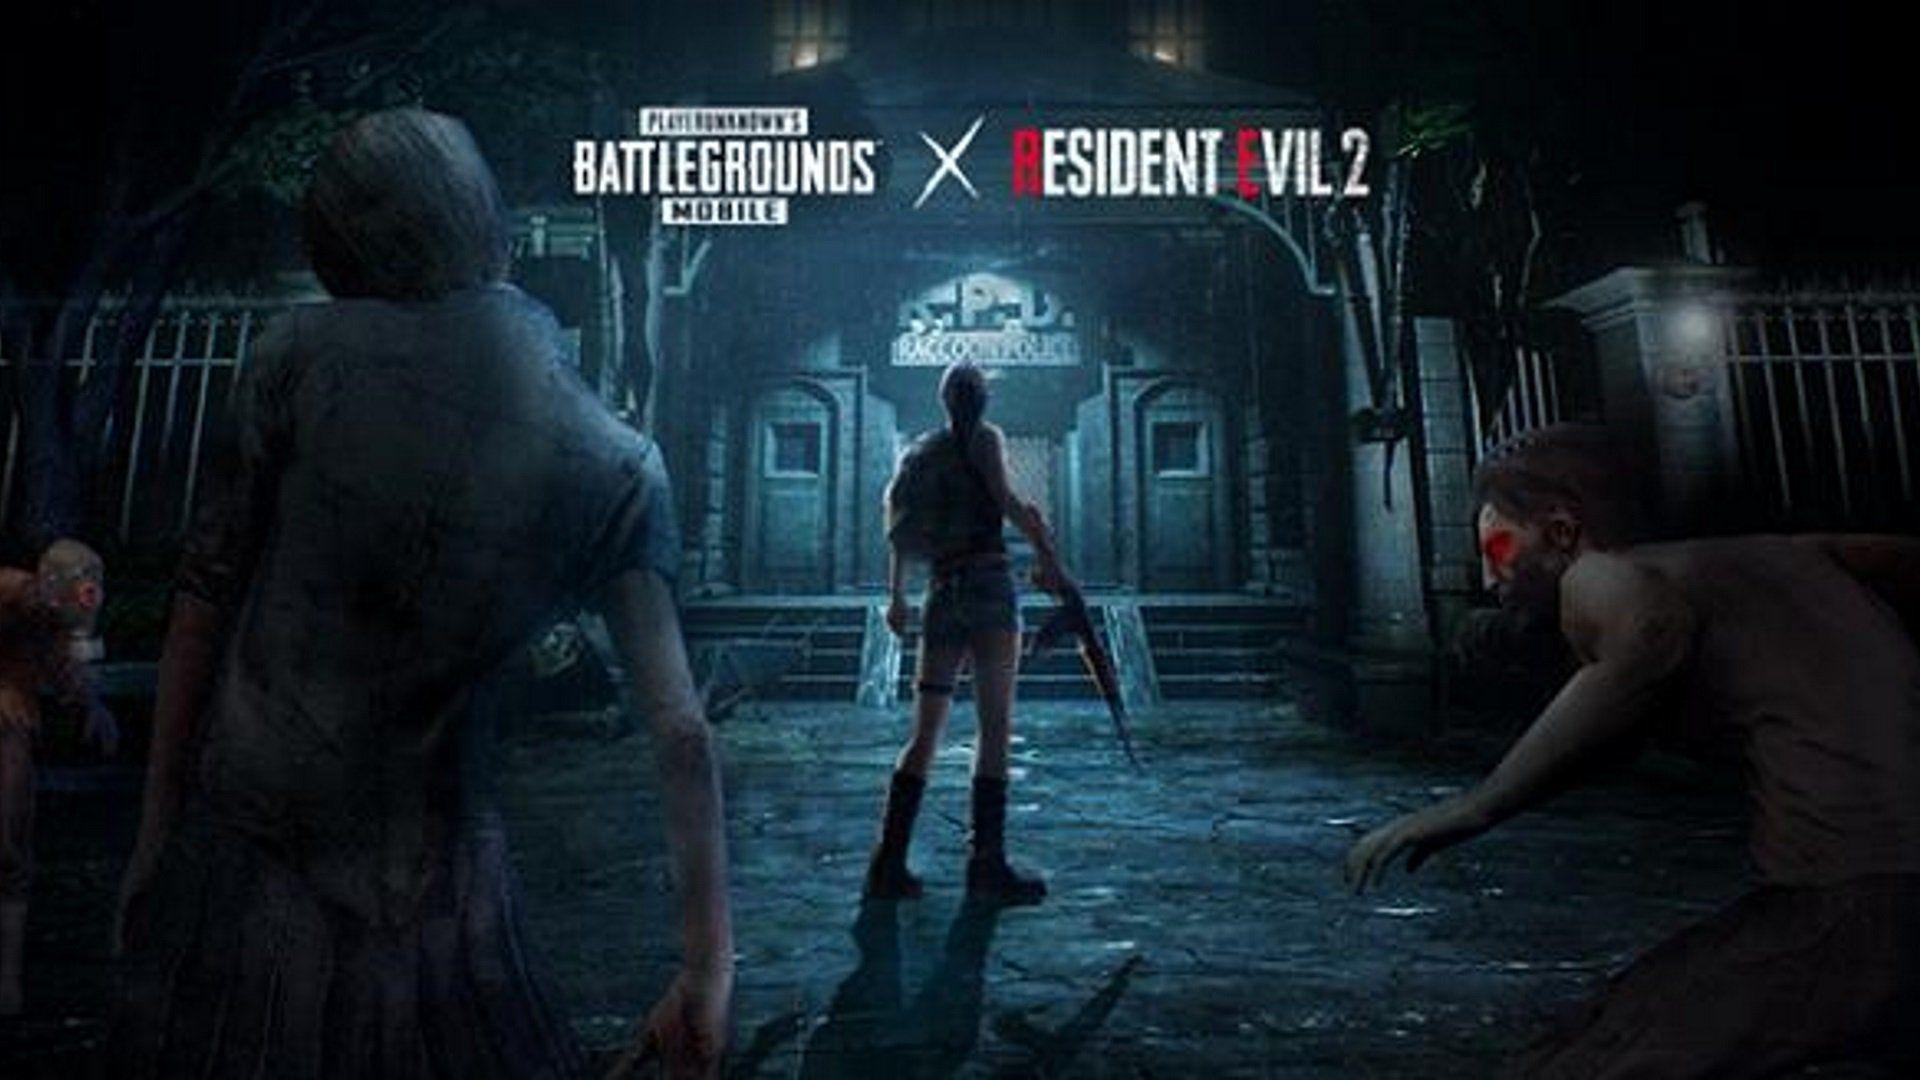 Pubg Mobile And Resident Evil 2 Crossover In Beta Resident Evil